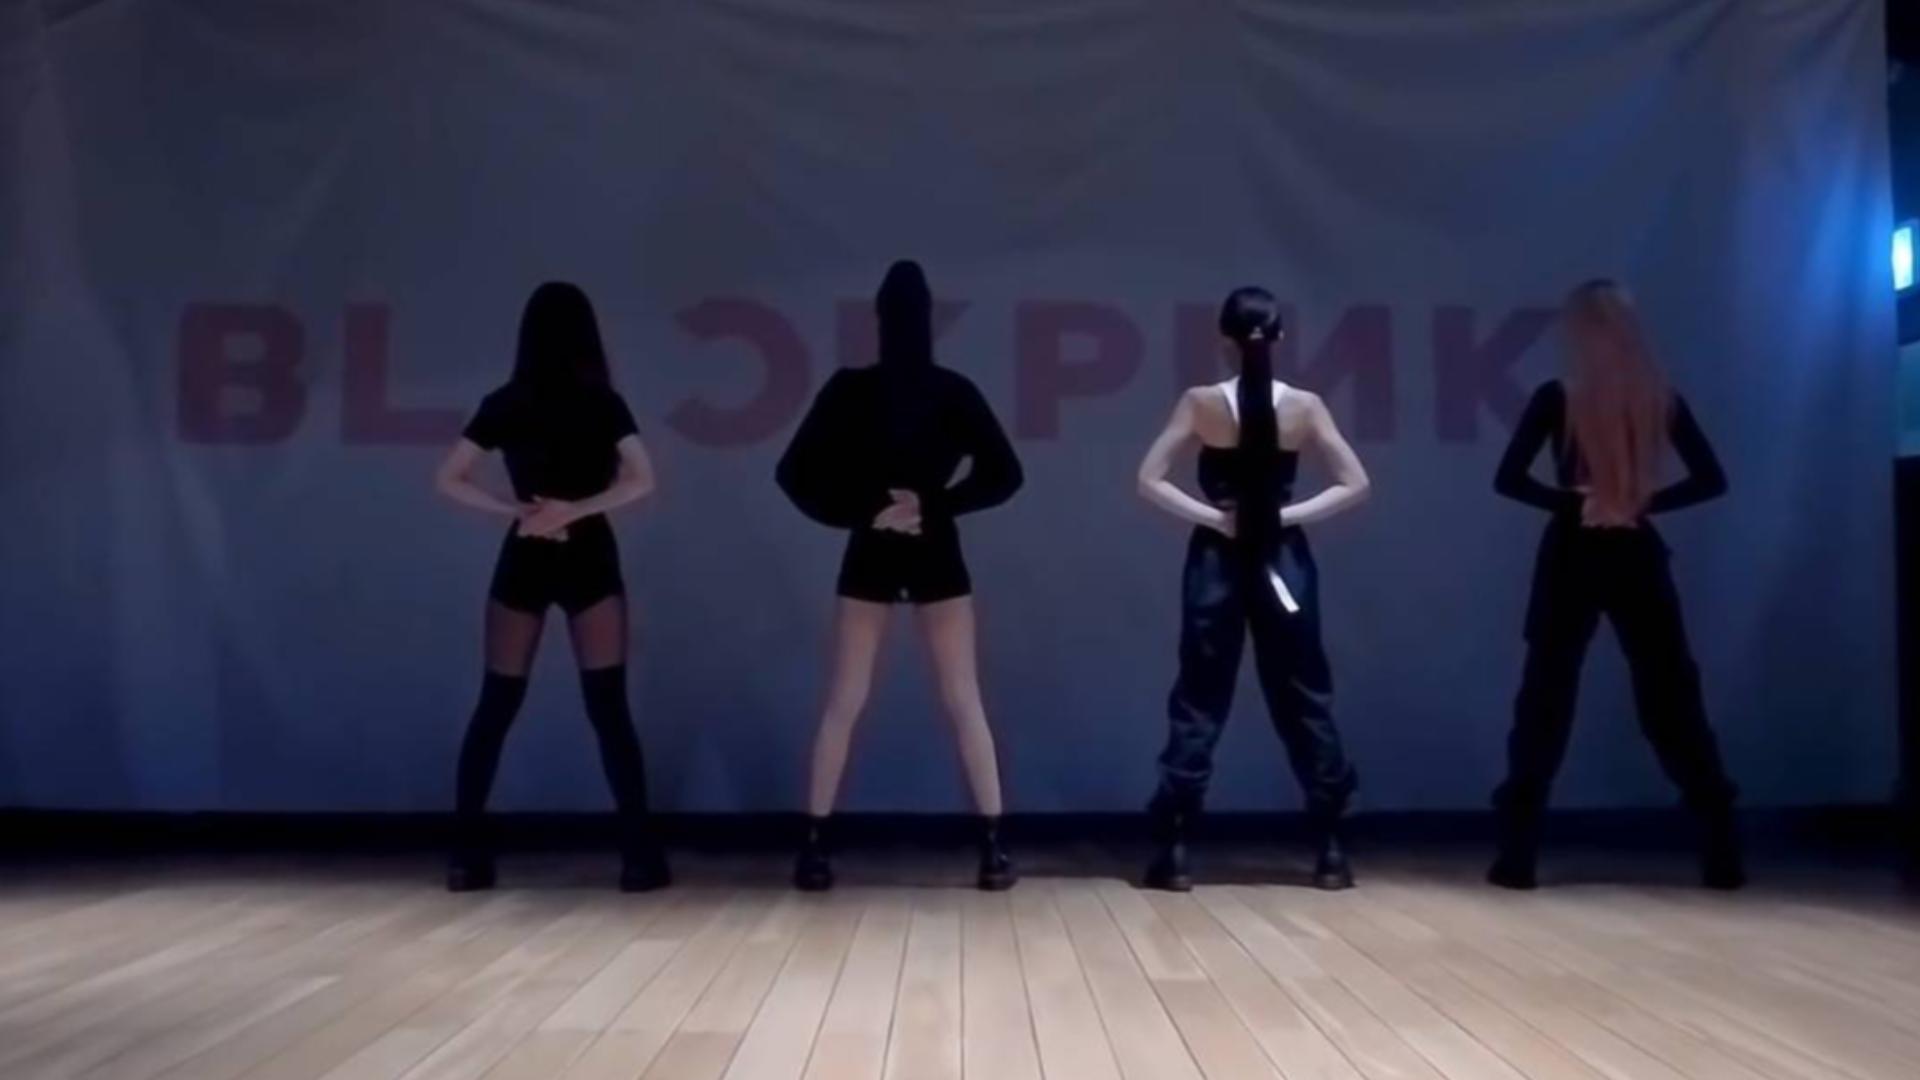 BLACKPINK 练习室舞蹈合集-你最喜欢哪一个?